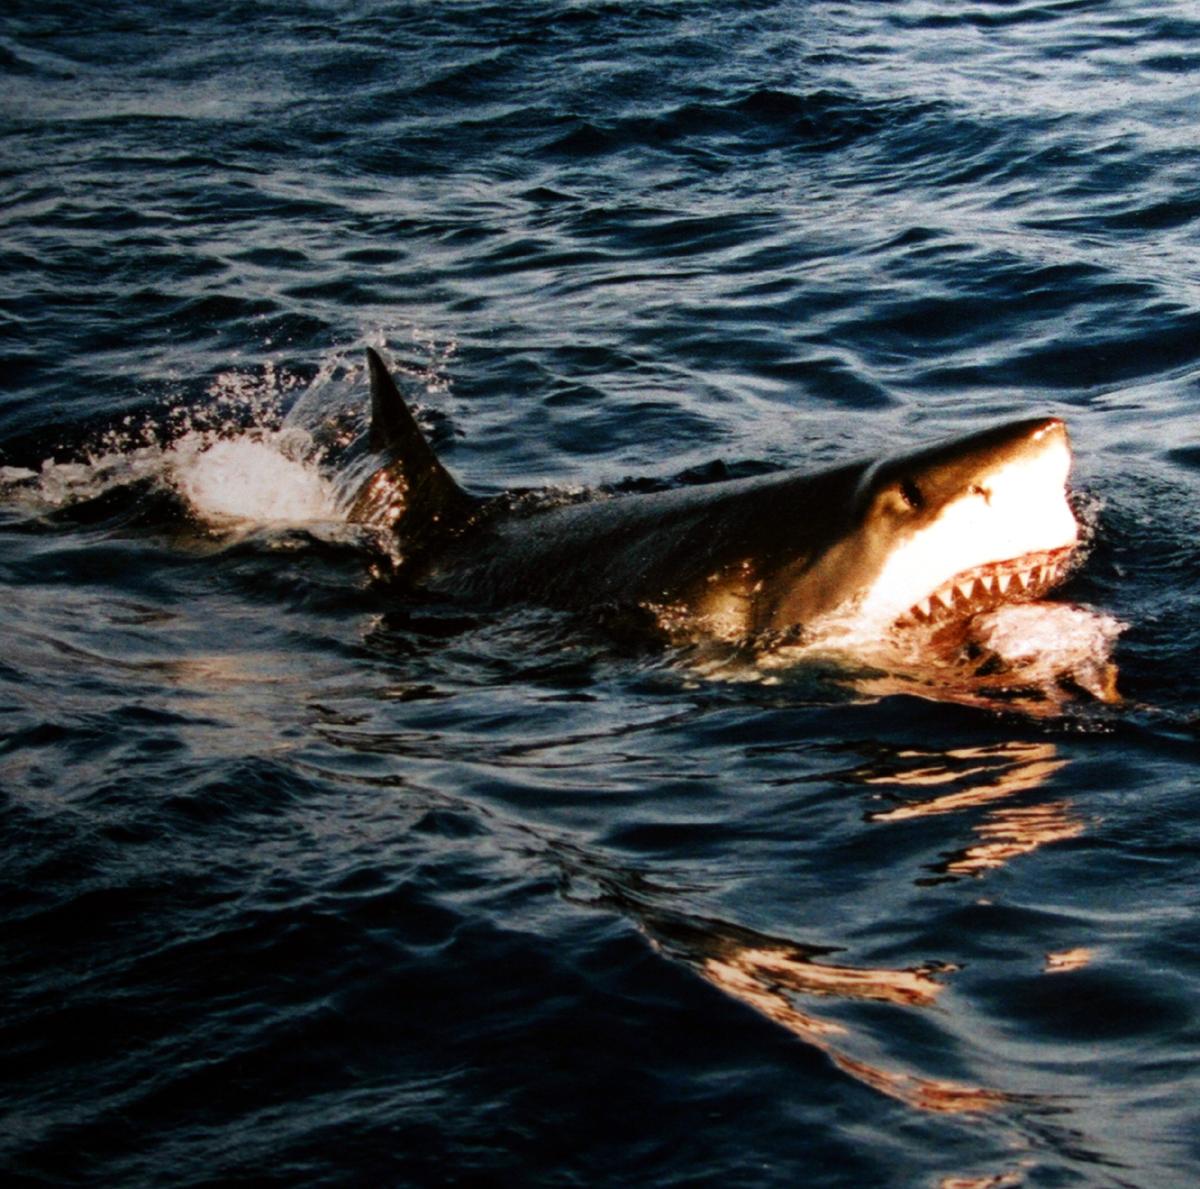 قفز في مياه البحر هرباً من الشرطة فتبعته سمكة قرش